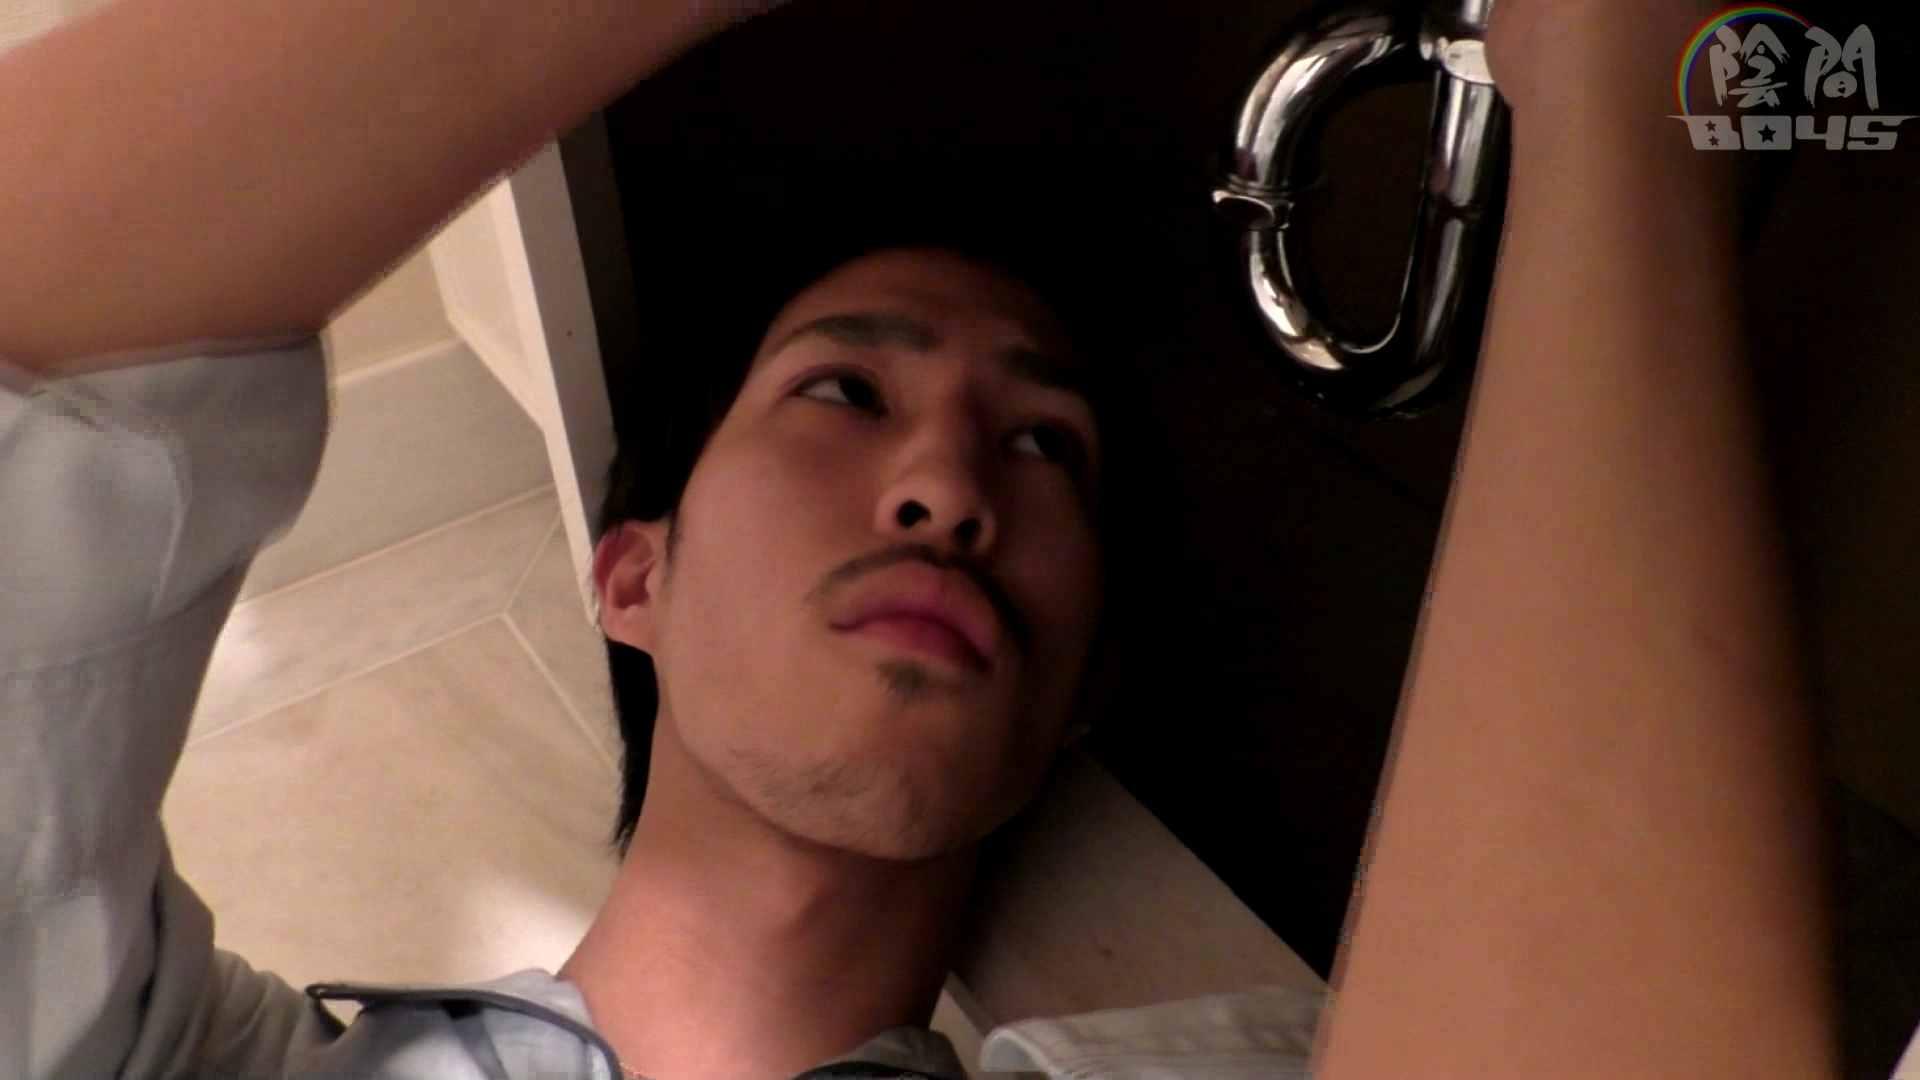 陰間BOYS~「アナルだけは許して…」~01 着替え・ハメ撮り | 入浴・シャワー覗き ゲイ発射もろ画像 8連発 3